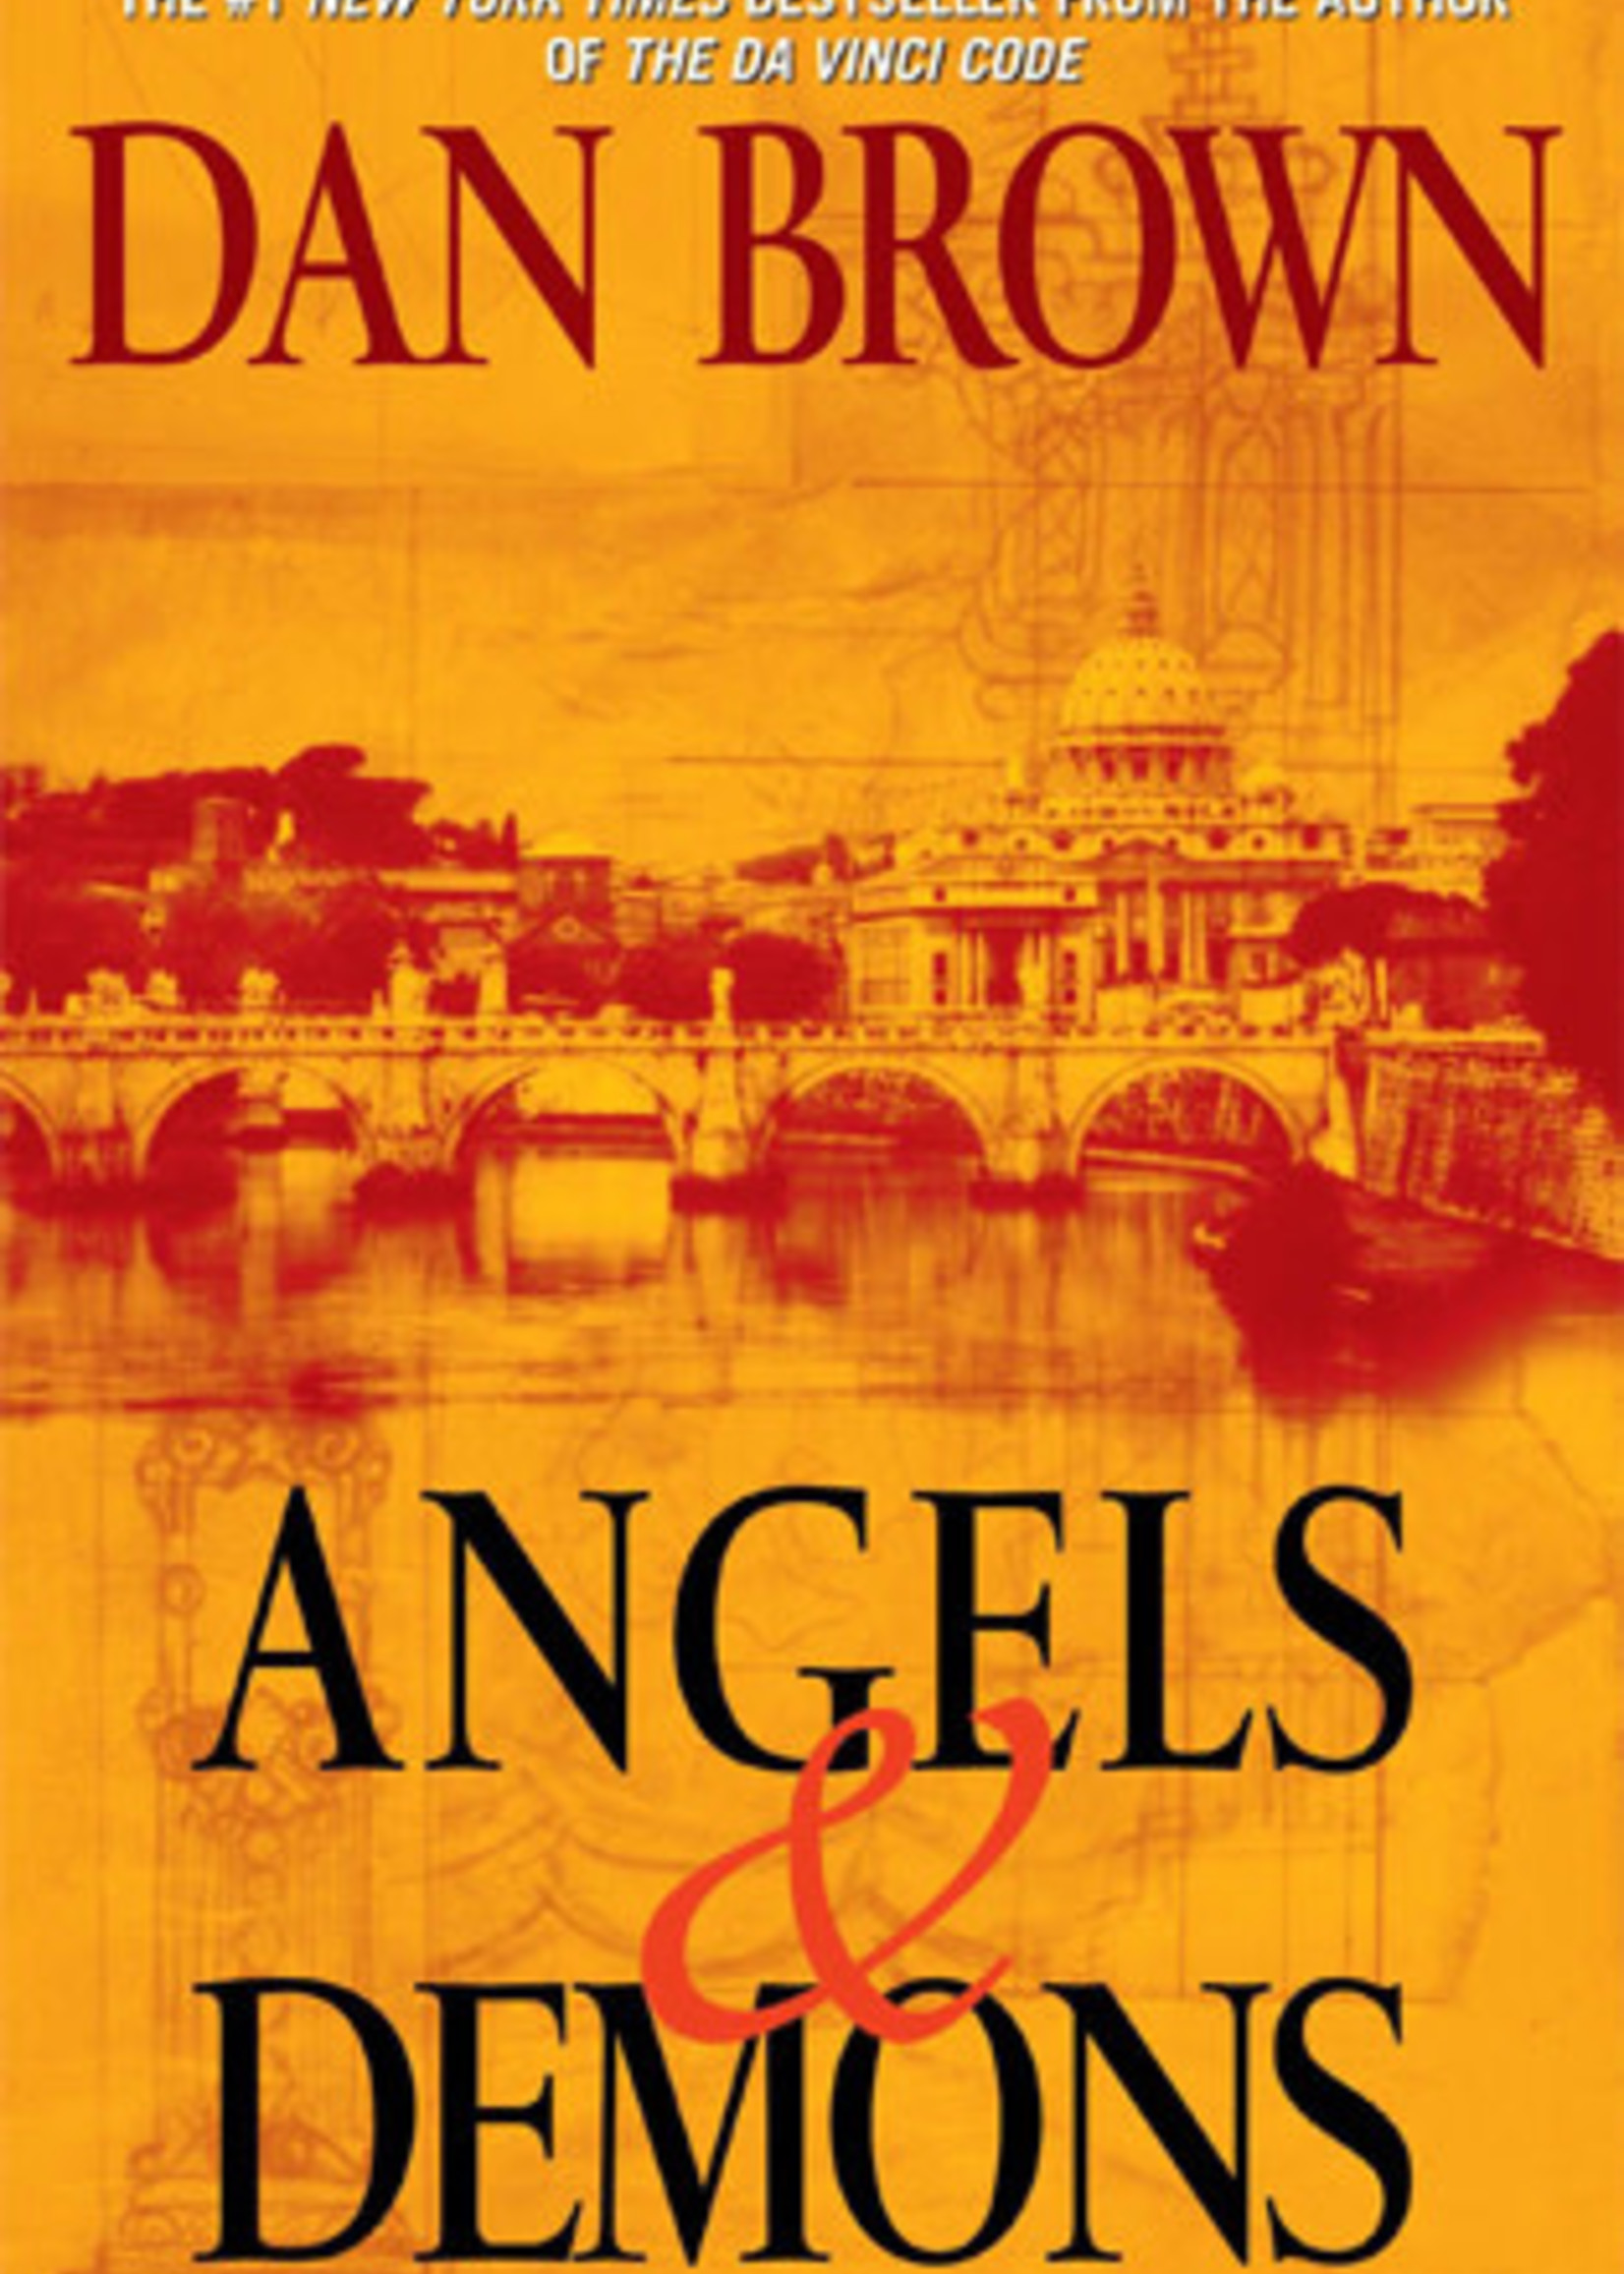 USED - Angels & Demons by Dan Brown